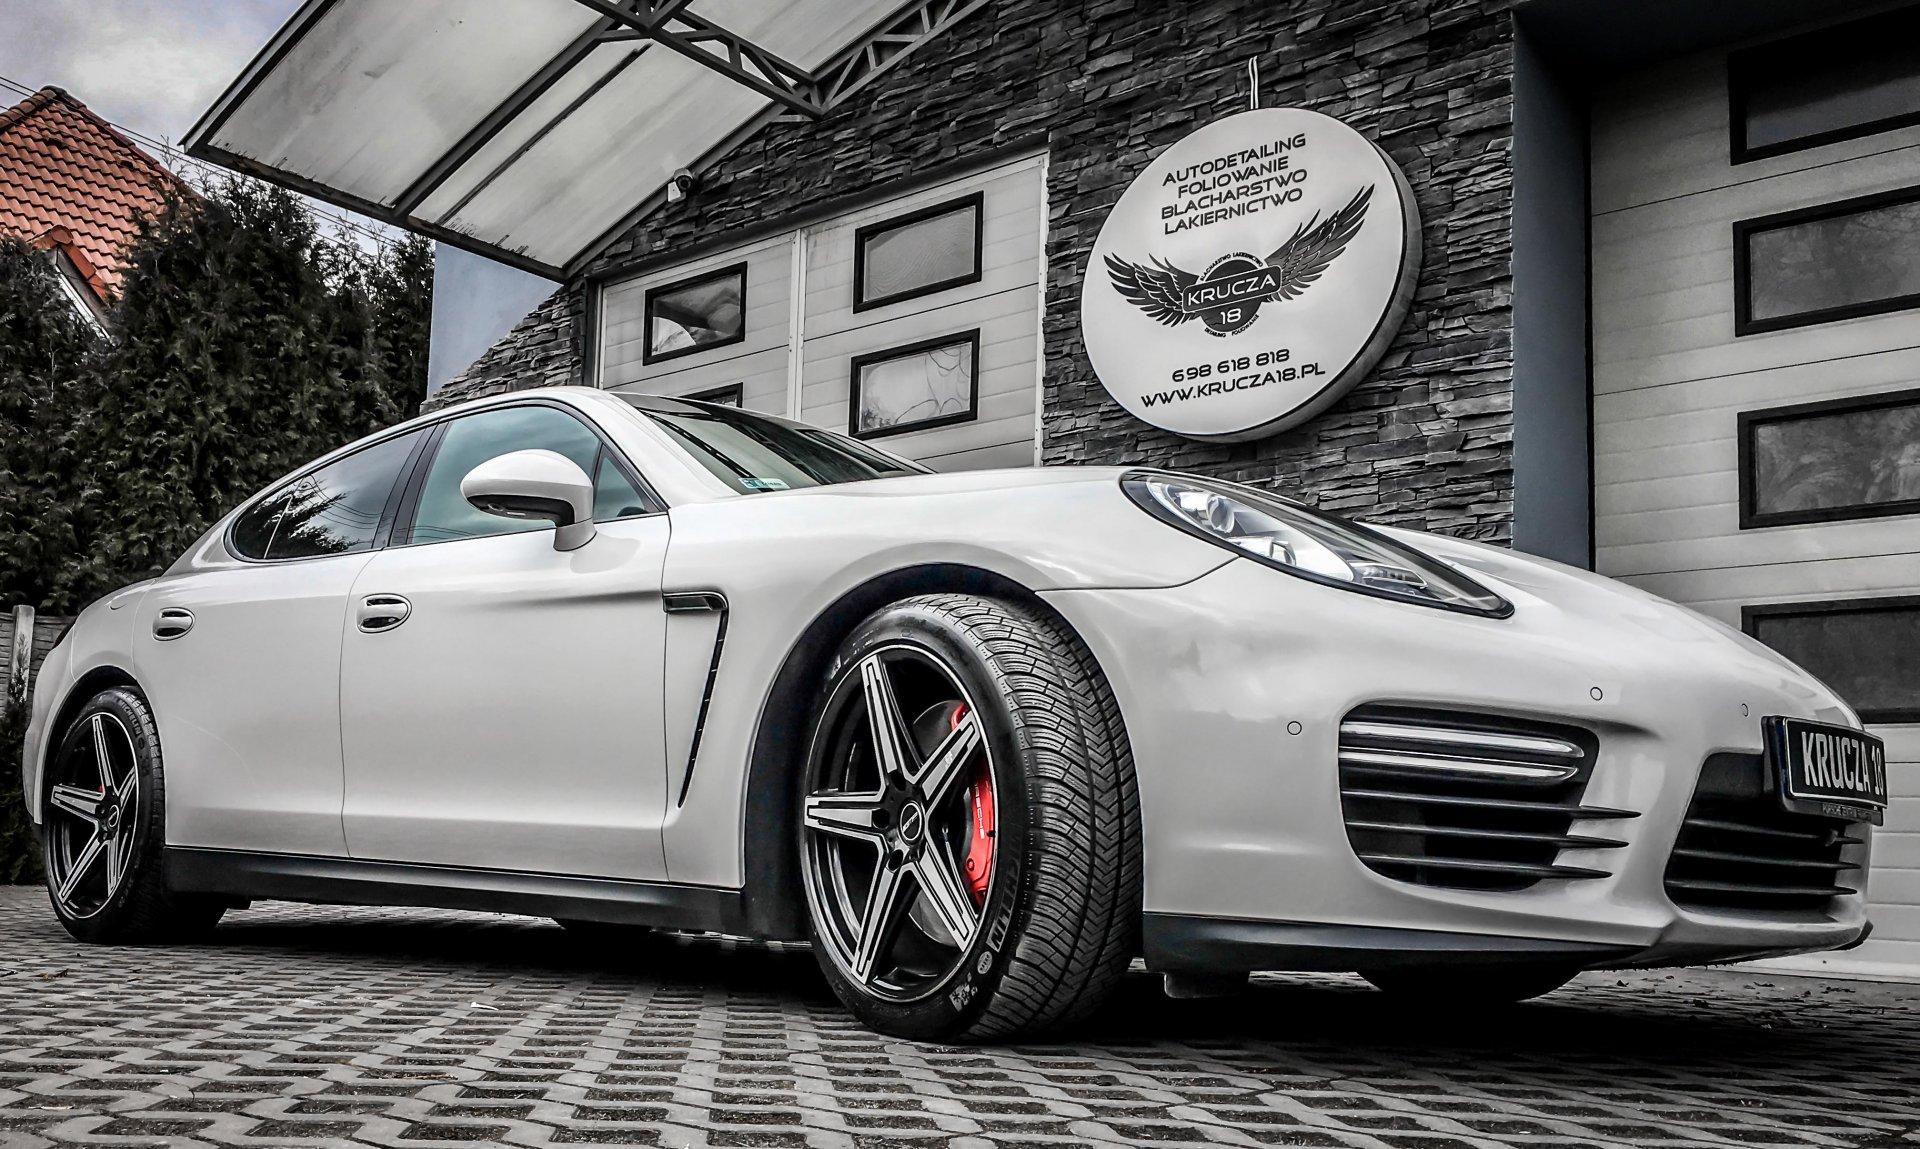 Porsche na Krucza 18 w Osielsku obok Bydgoszczy.